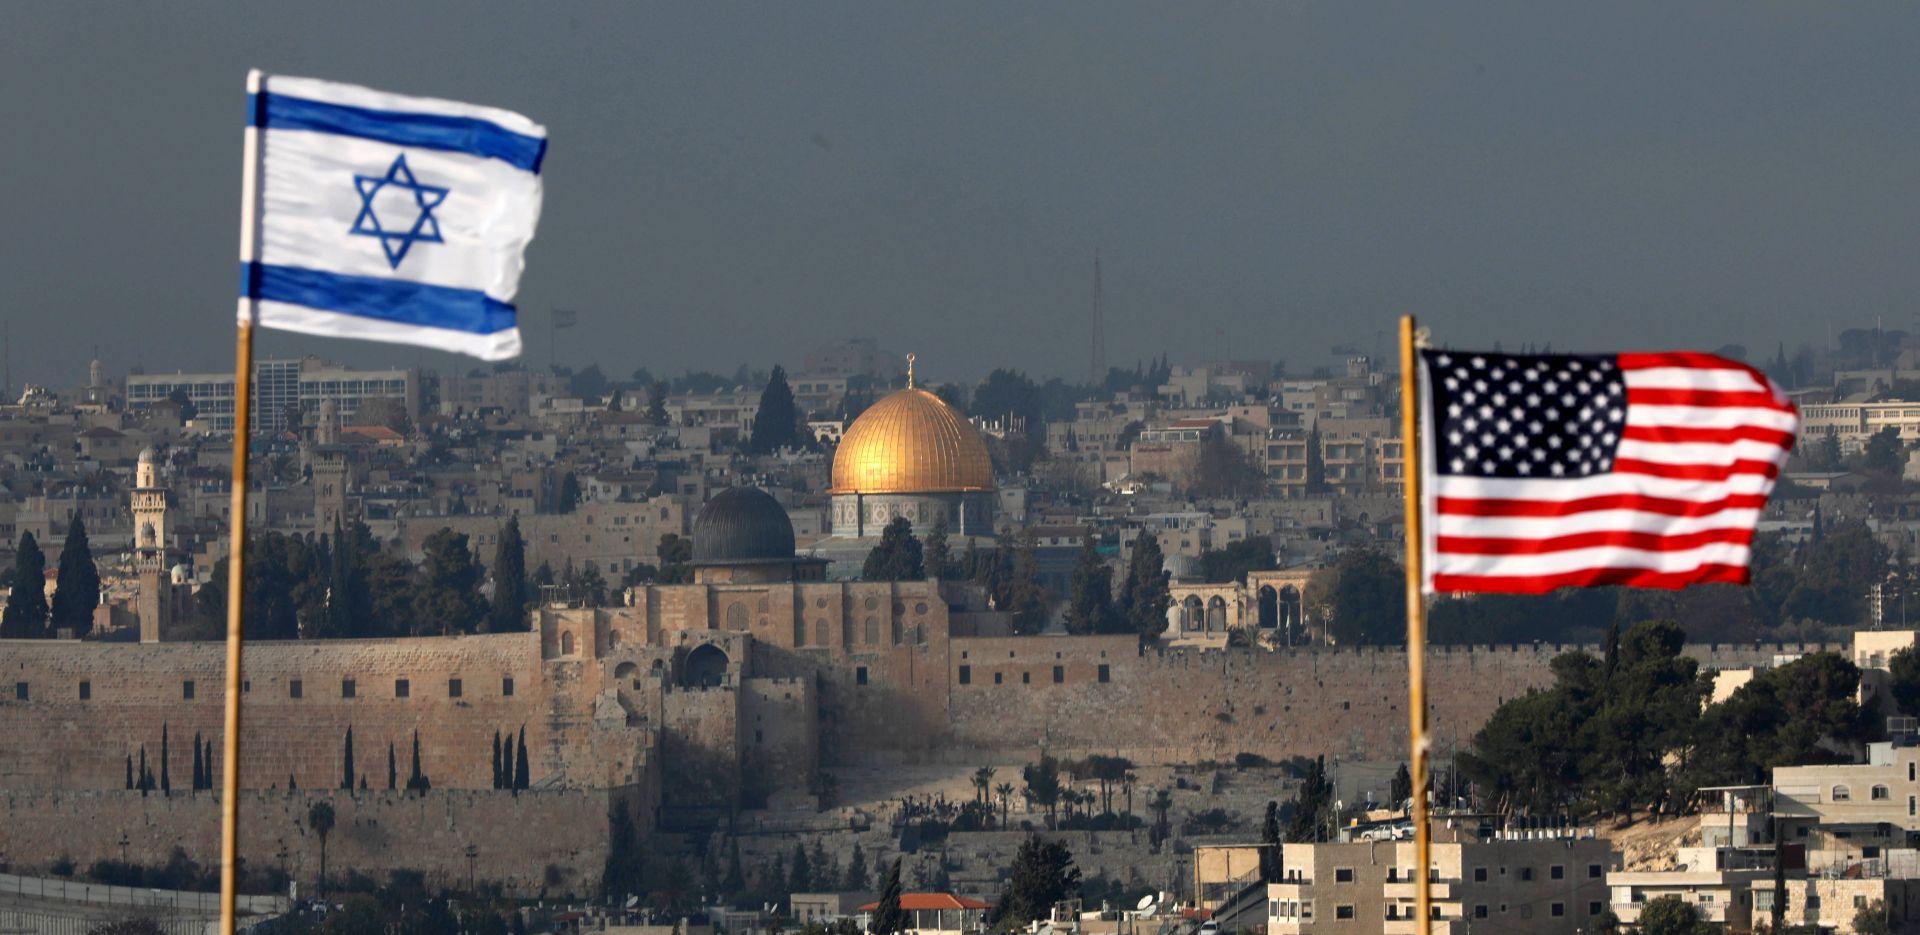 JERUZALEM UN raspravlja o rezoluciji kojom bi poništio Trumpovu odluku